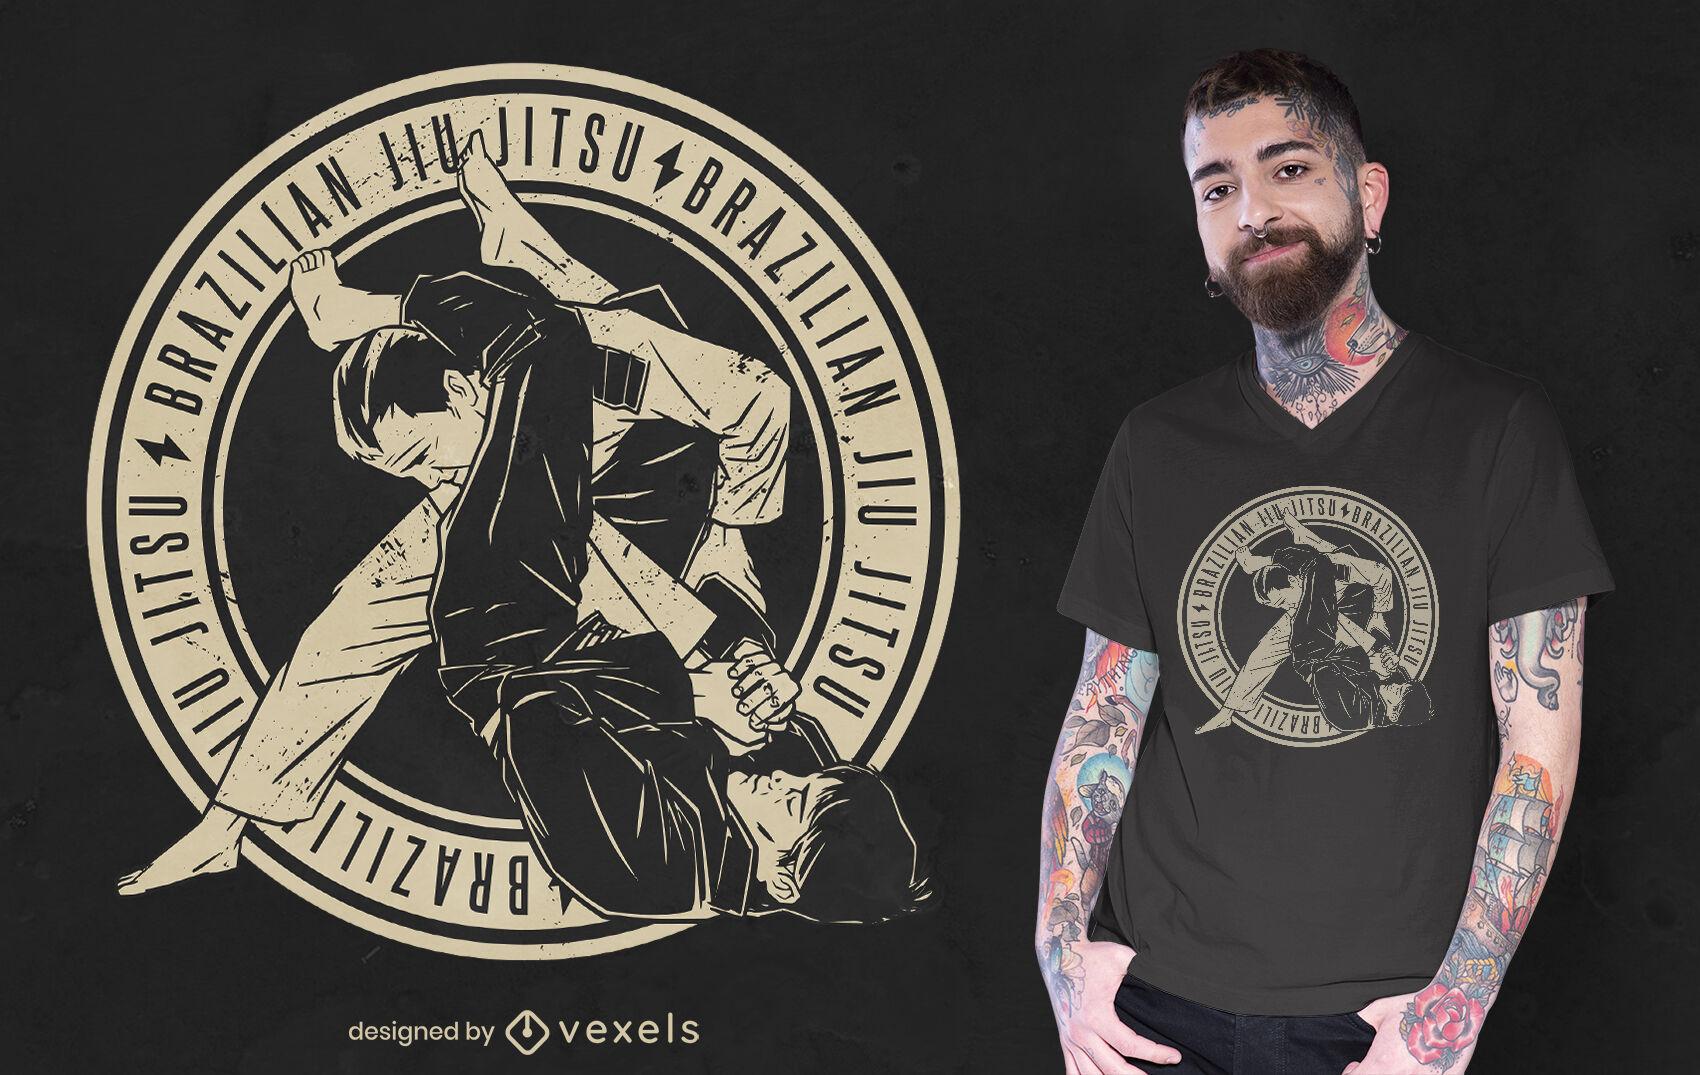 Brasilianisches Jiu Jitsu T-Shirt Design